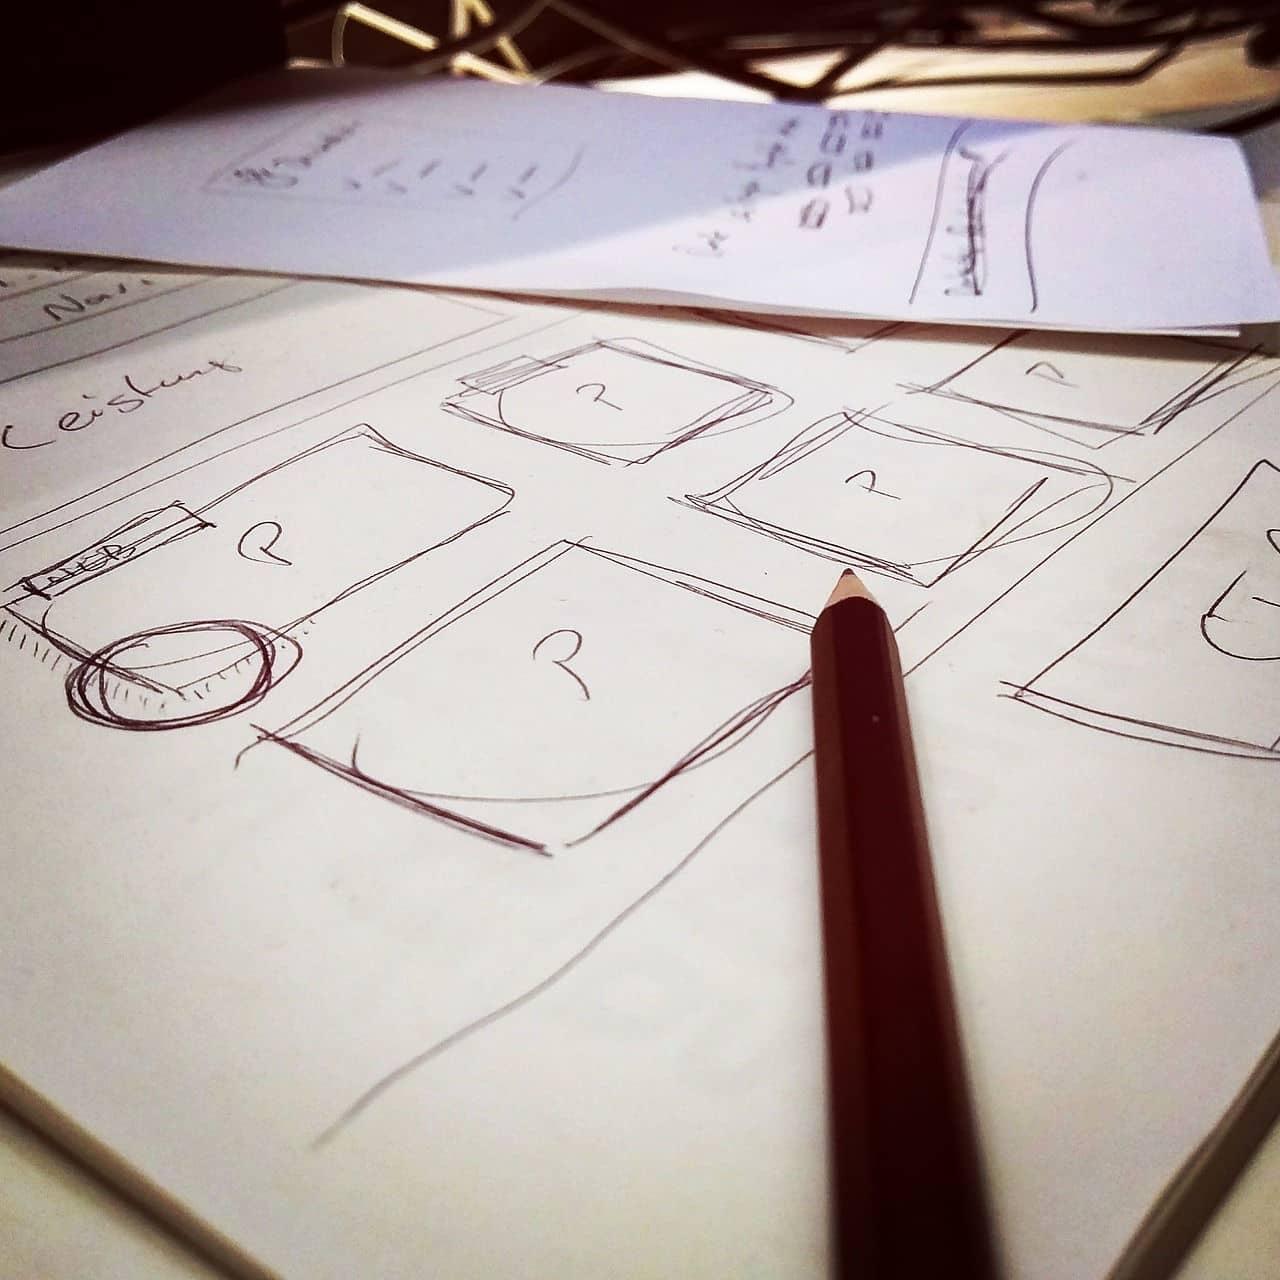 Webdesign plaire internautes - Le design d'un site web: essentiel pour plaire aux internautes